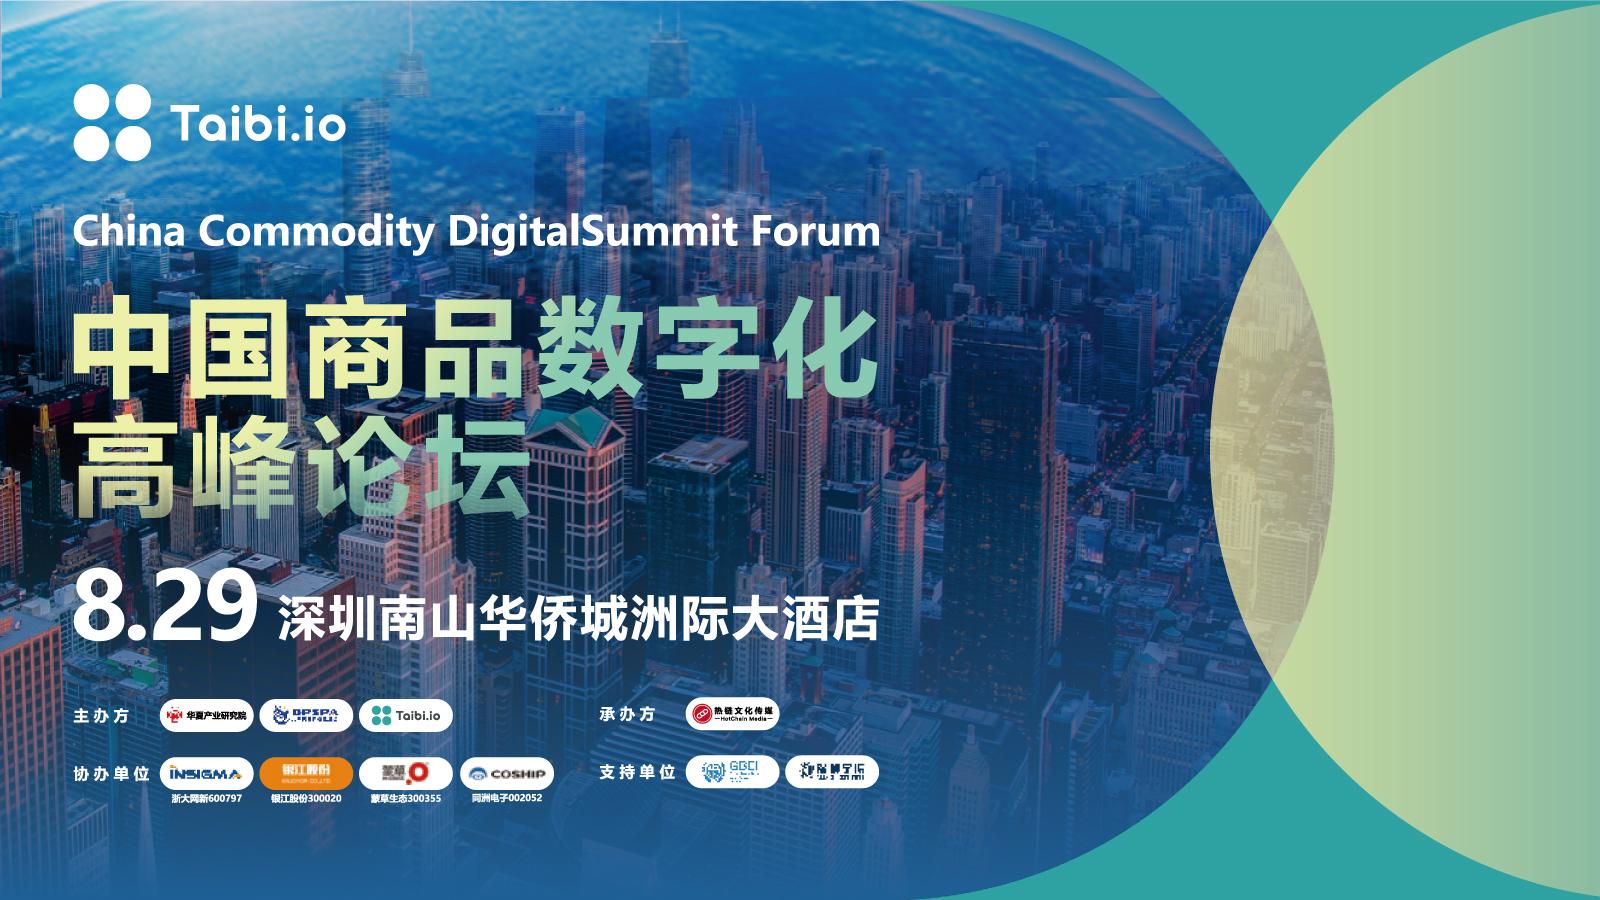 聚焦数字经济新趋势 中国商品数字化高峰论坛8月29日在深开幕